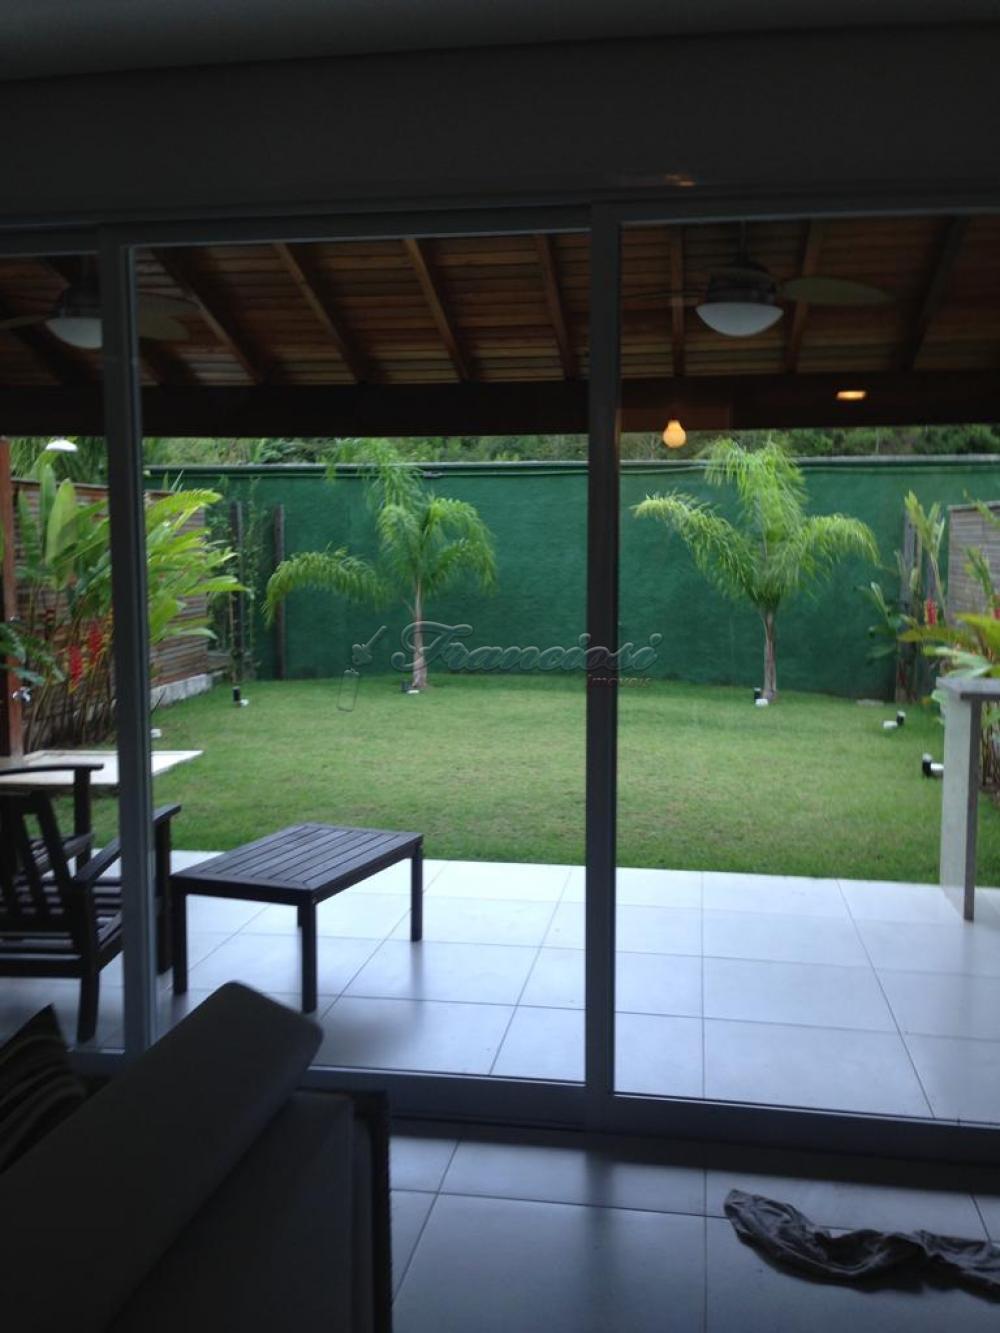 Comprar Casa / Condomínio em São Sebastião apenas R$ 1.050.000,00 - Foto 3